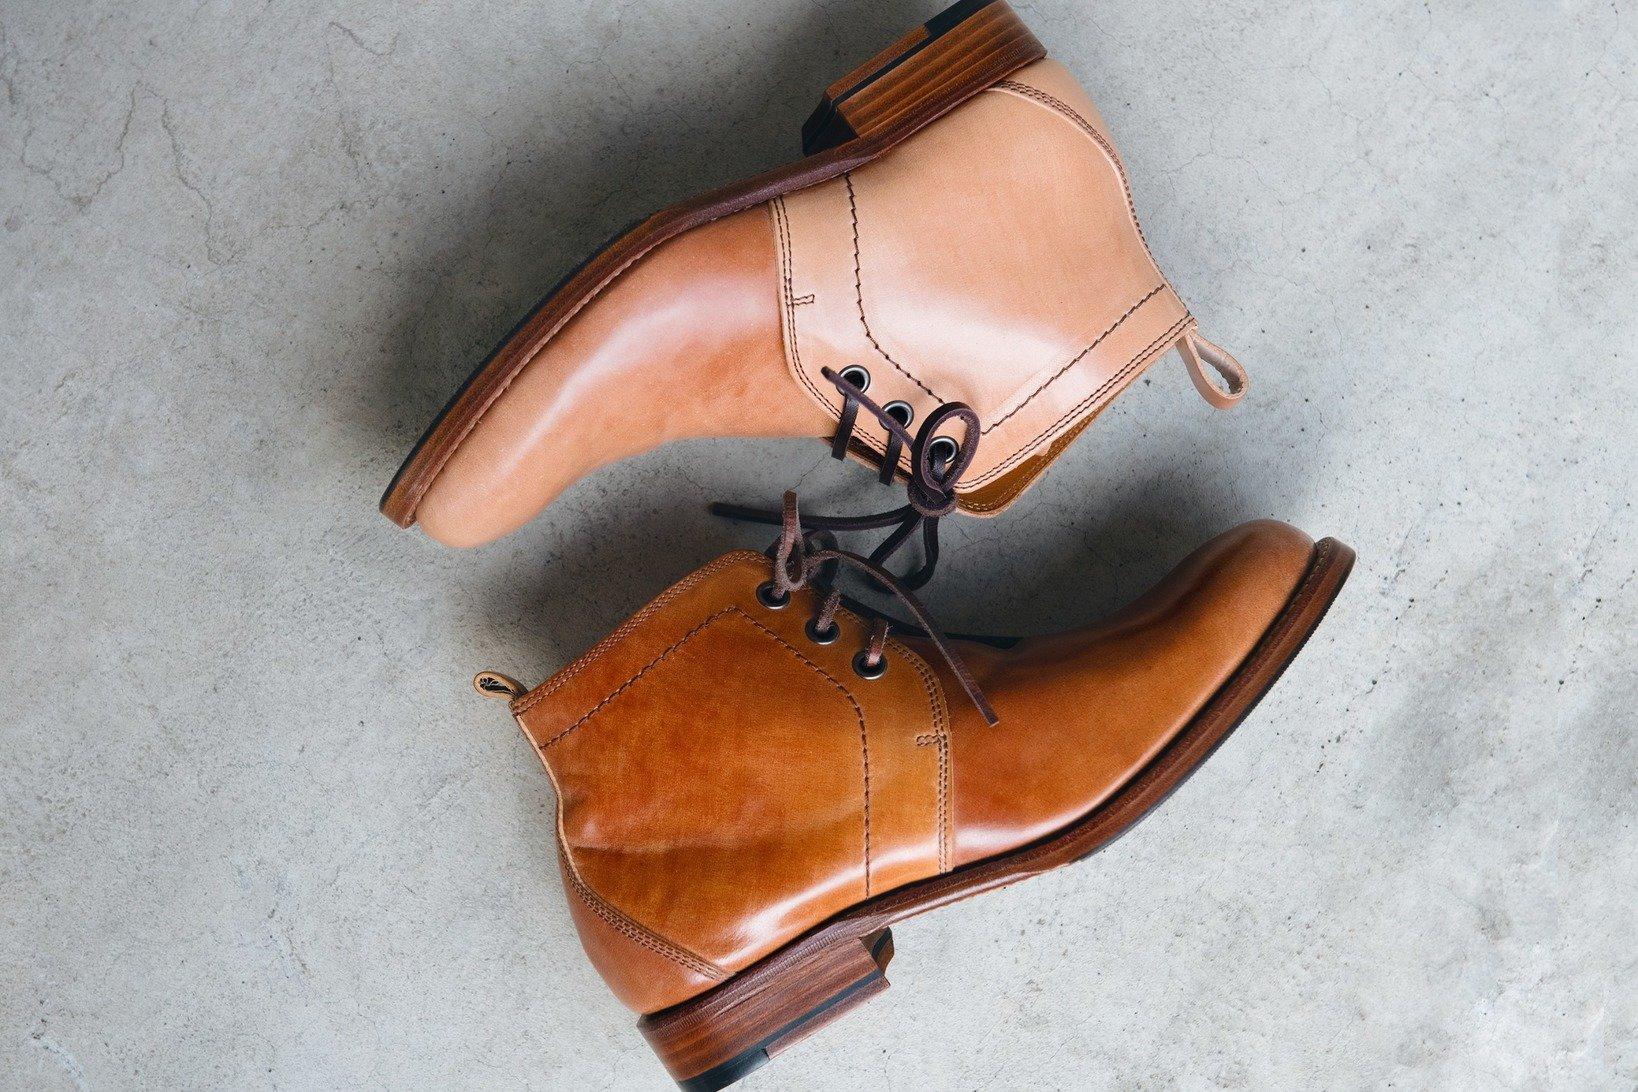 カバー写真:アッパーはコードヴァン。上が新品で、下が経年の一例。履き方、お手入れの仕方、履く人それぞれの扱いで革の味わいも変化する。「PC-575」¥93,000+税/プリュス バイ ショセ